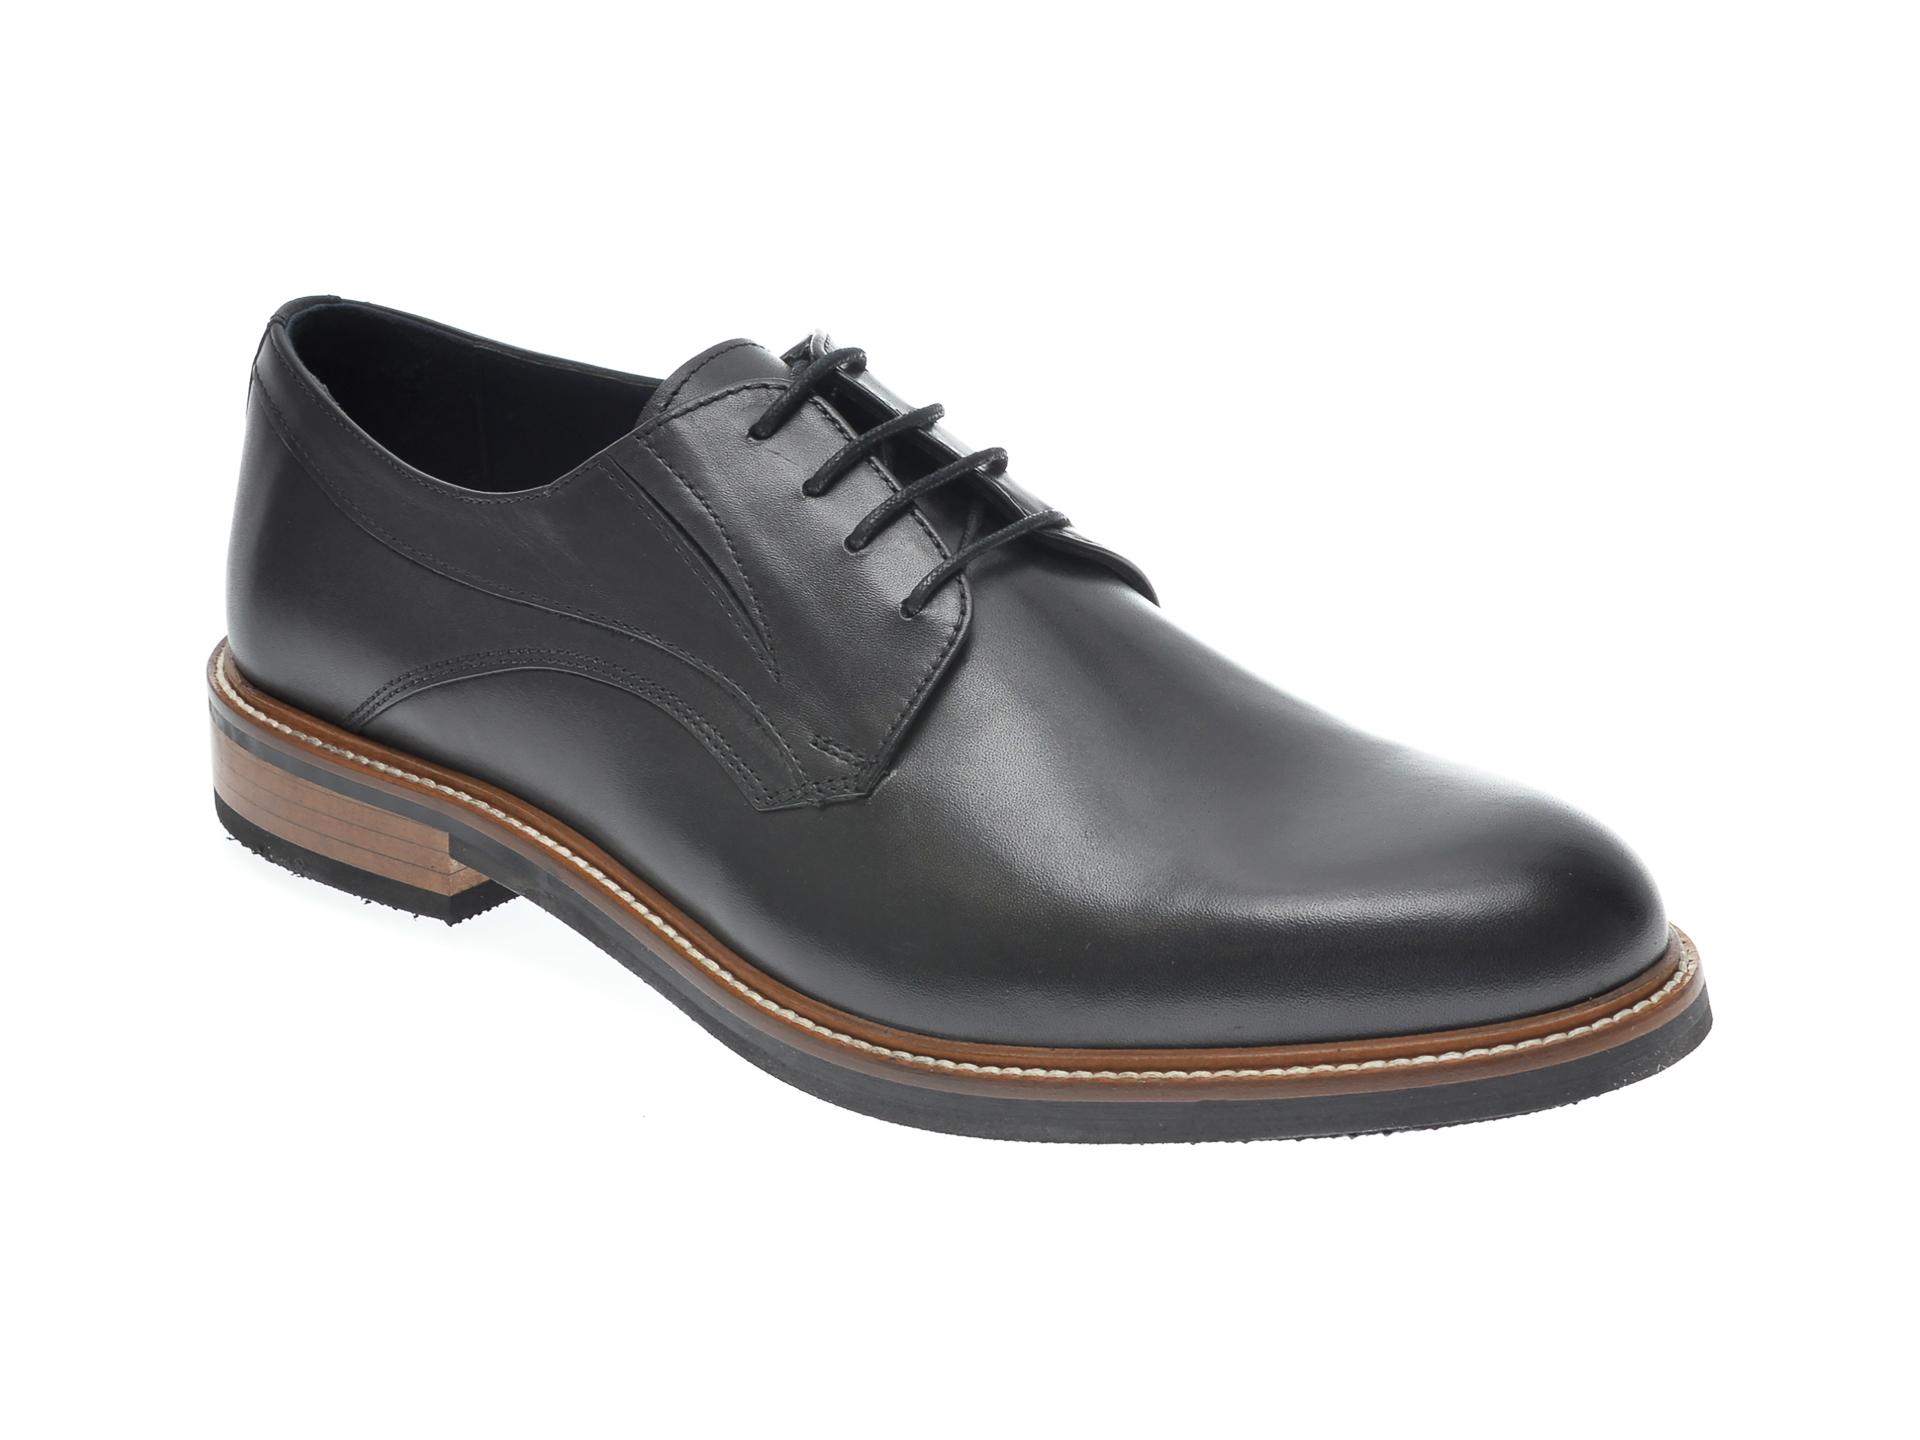 Pantofi OTTER negri, 7841, din piele naturala imagine otter.ro 2021